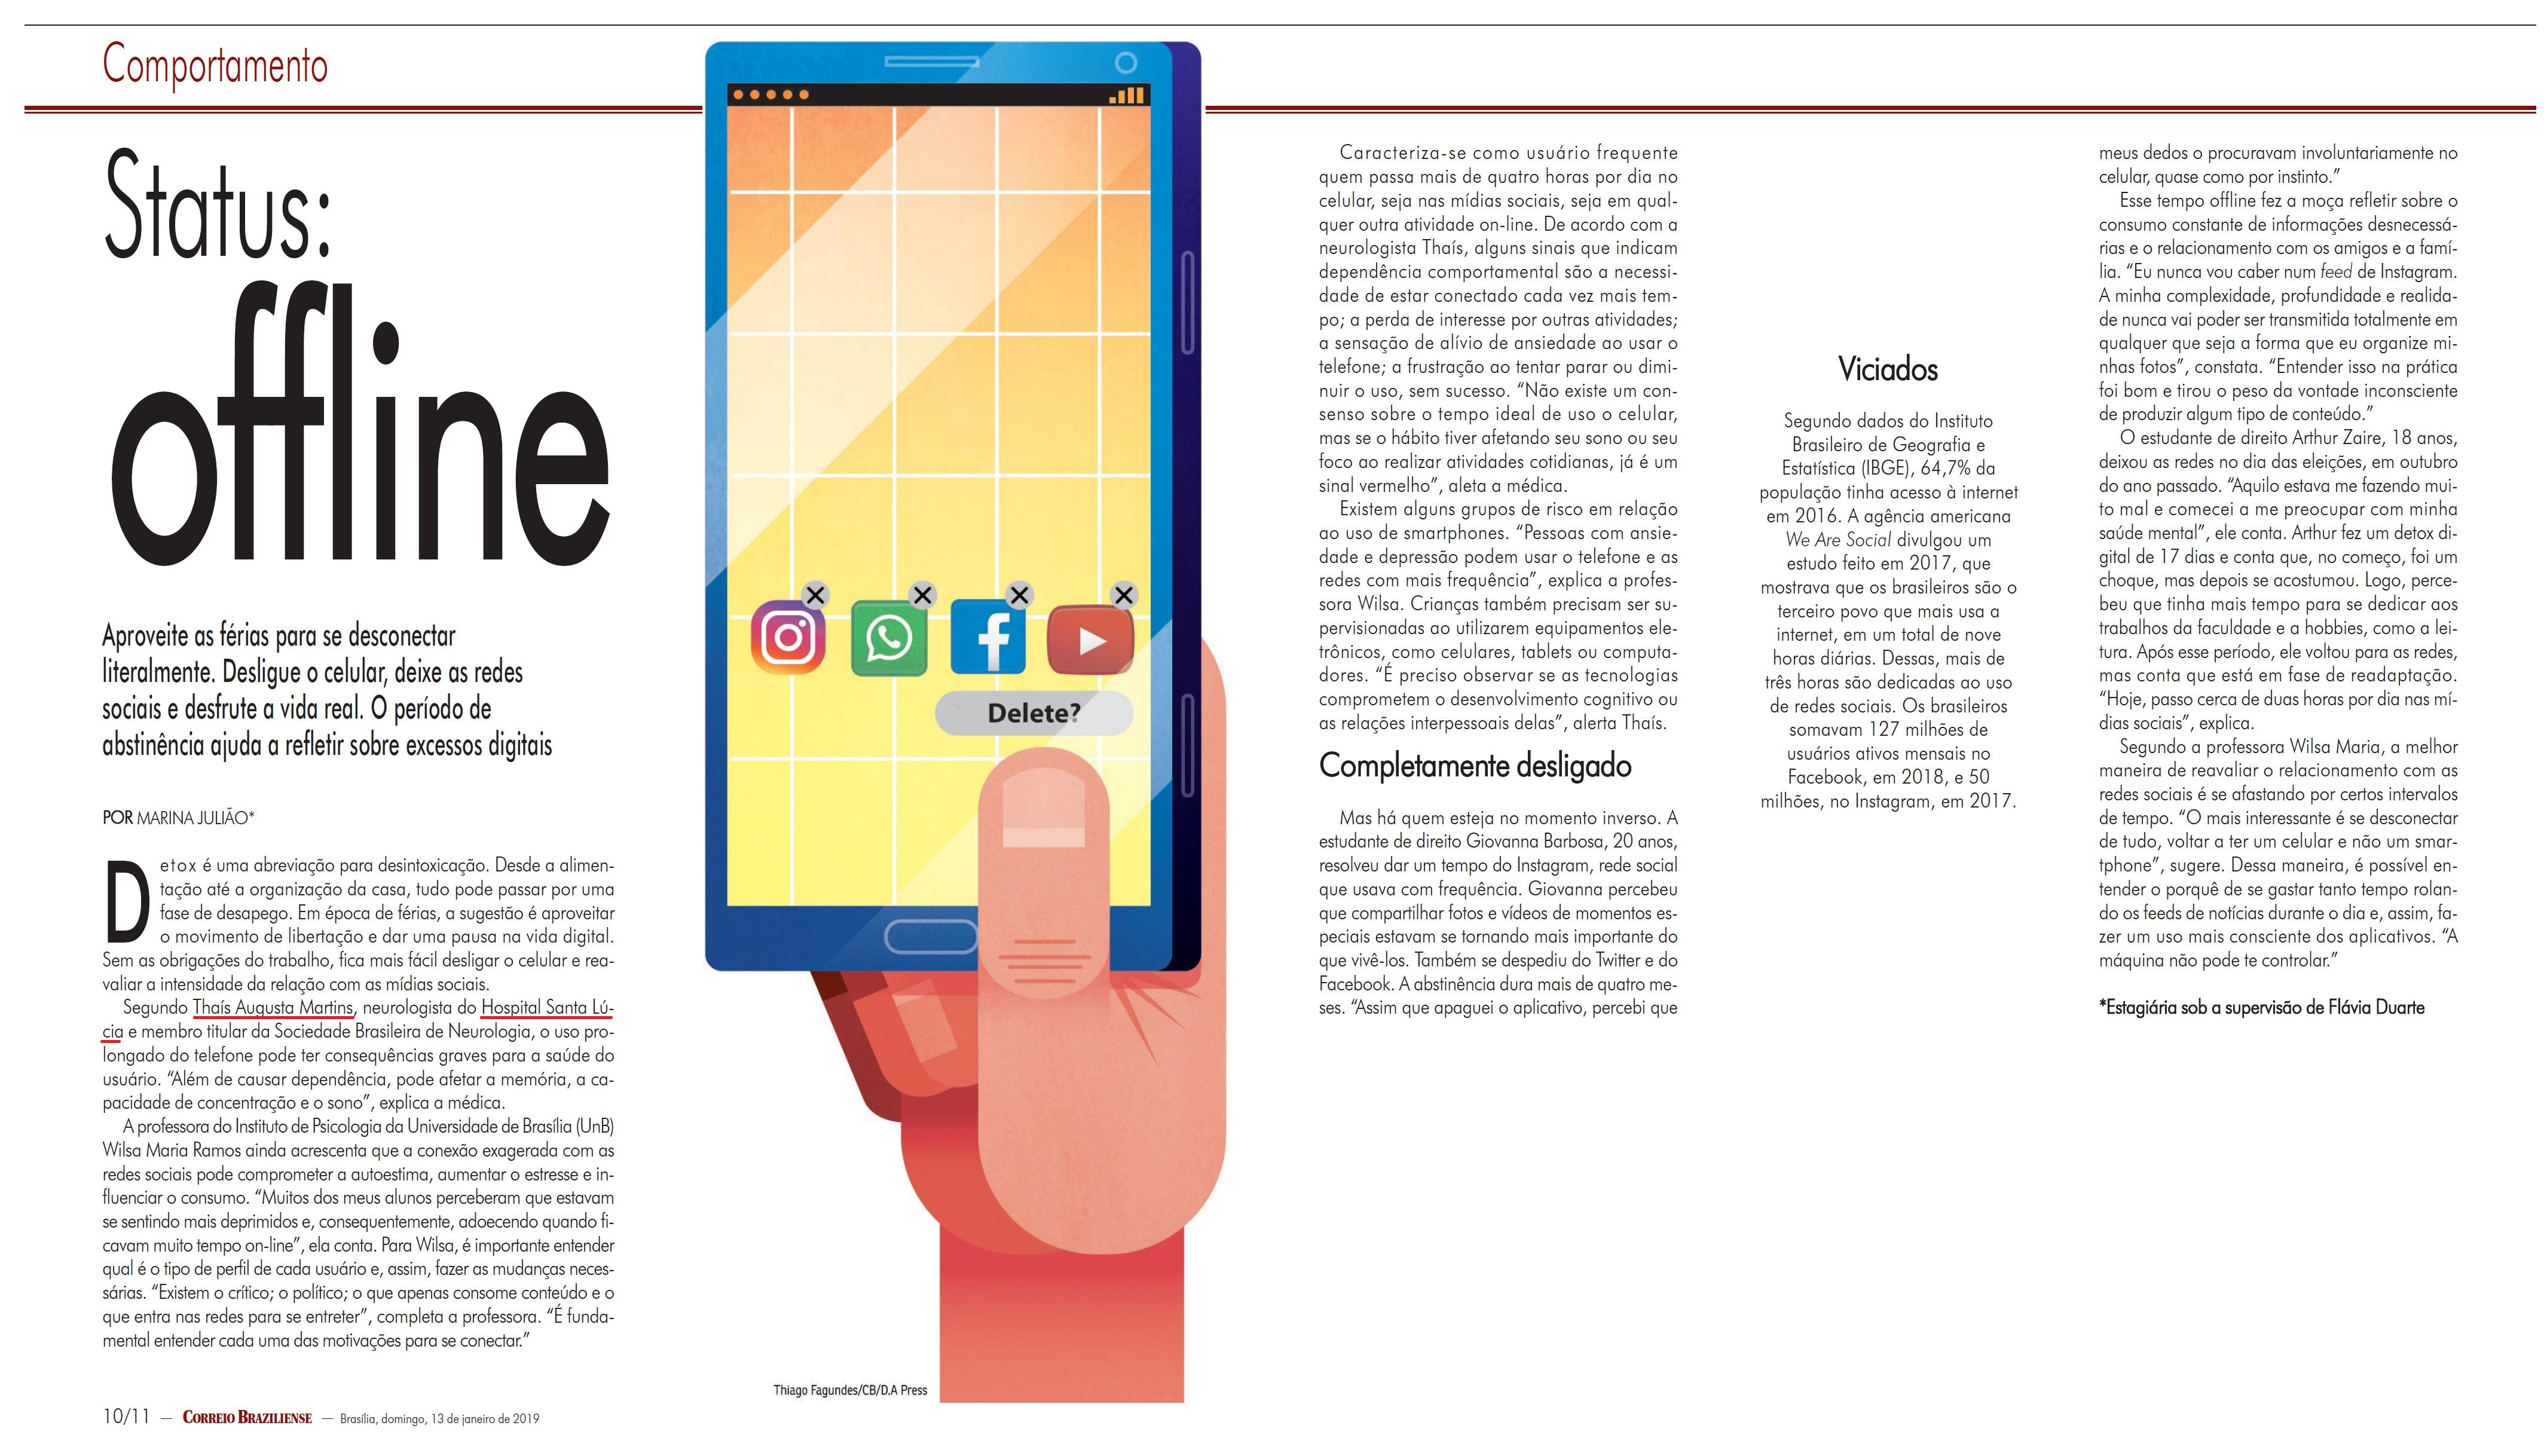 Revista do Correio - Dra. Thaís Augusta Martins HSLS - 13-01-2019